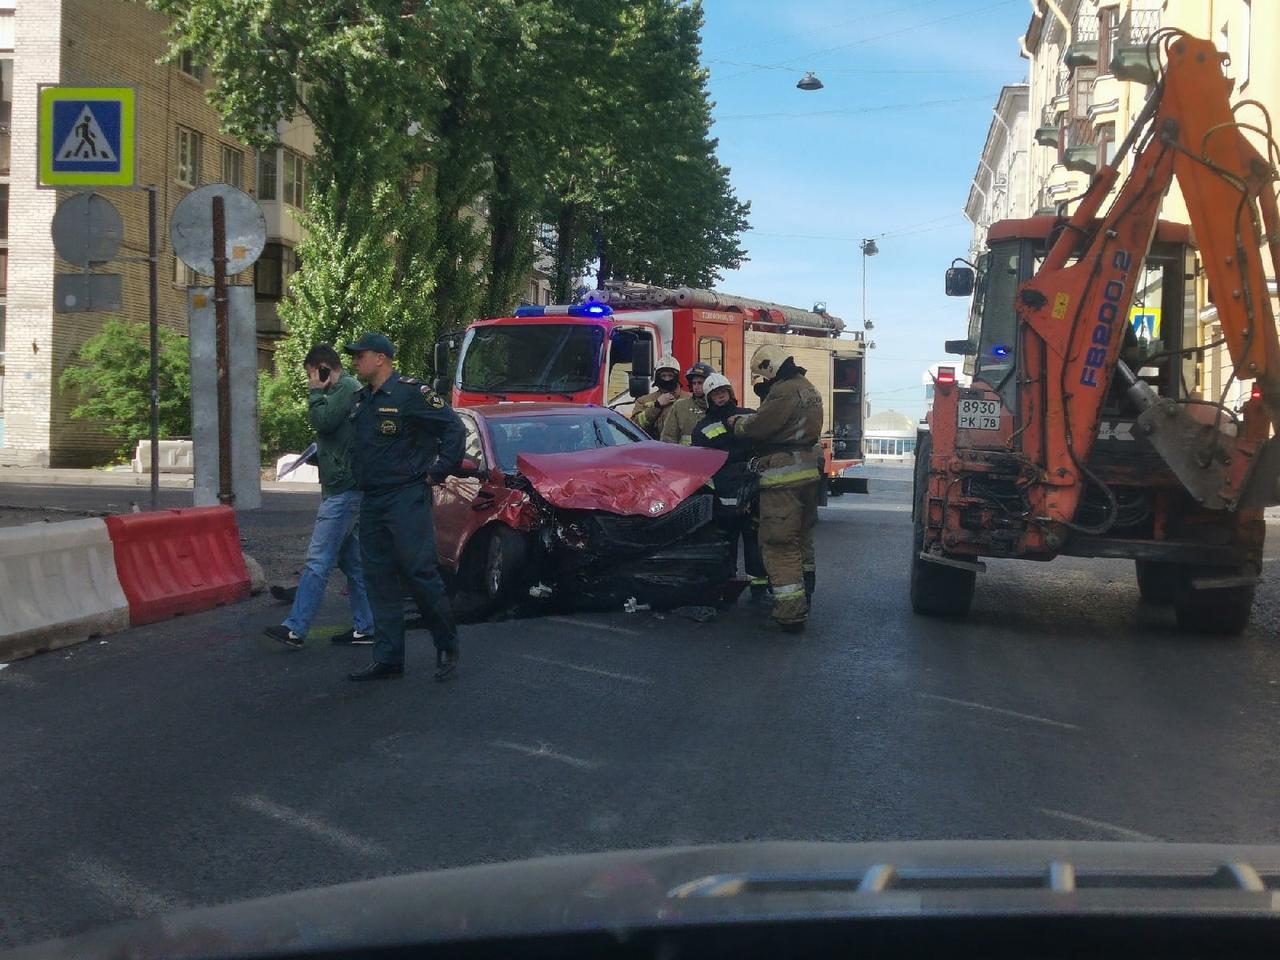 Киа разбилась на Карташихиной улице